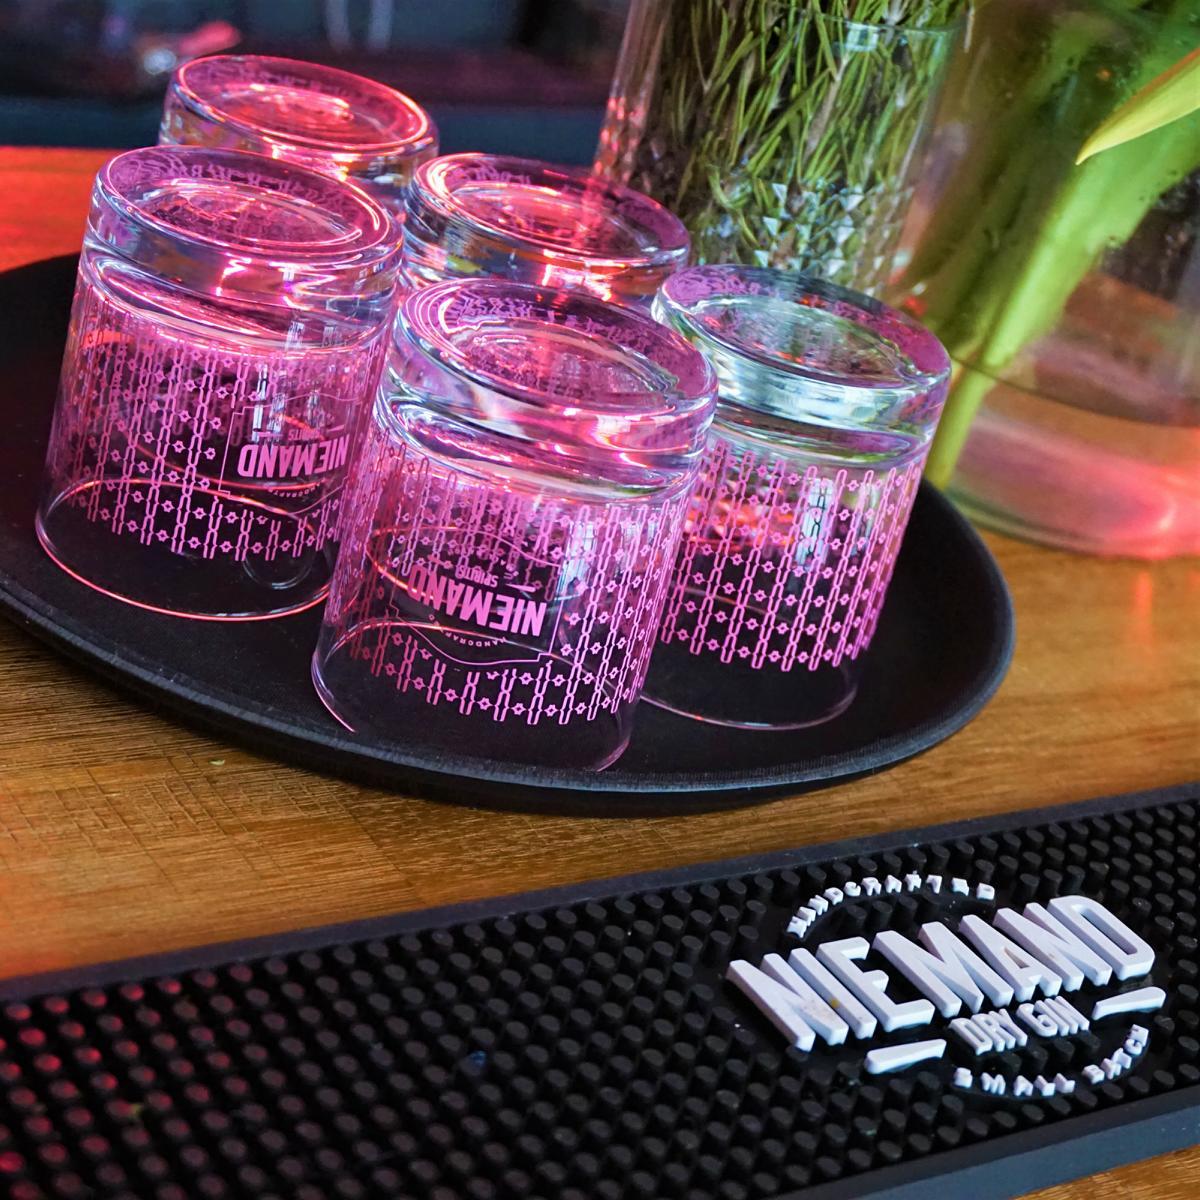 Style Hannover Niemand Gin Klassiker 1 - Torben Paradiek – einer der Macher von Niemand Dry Gin